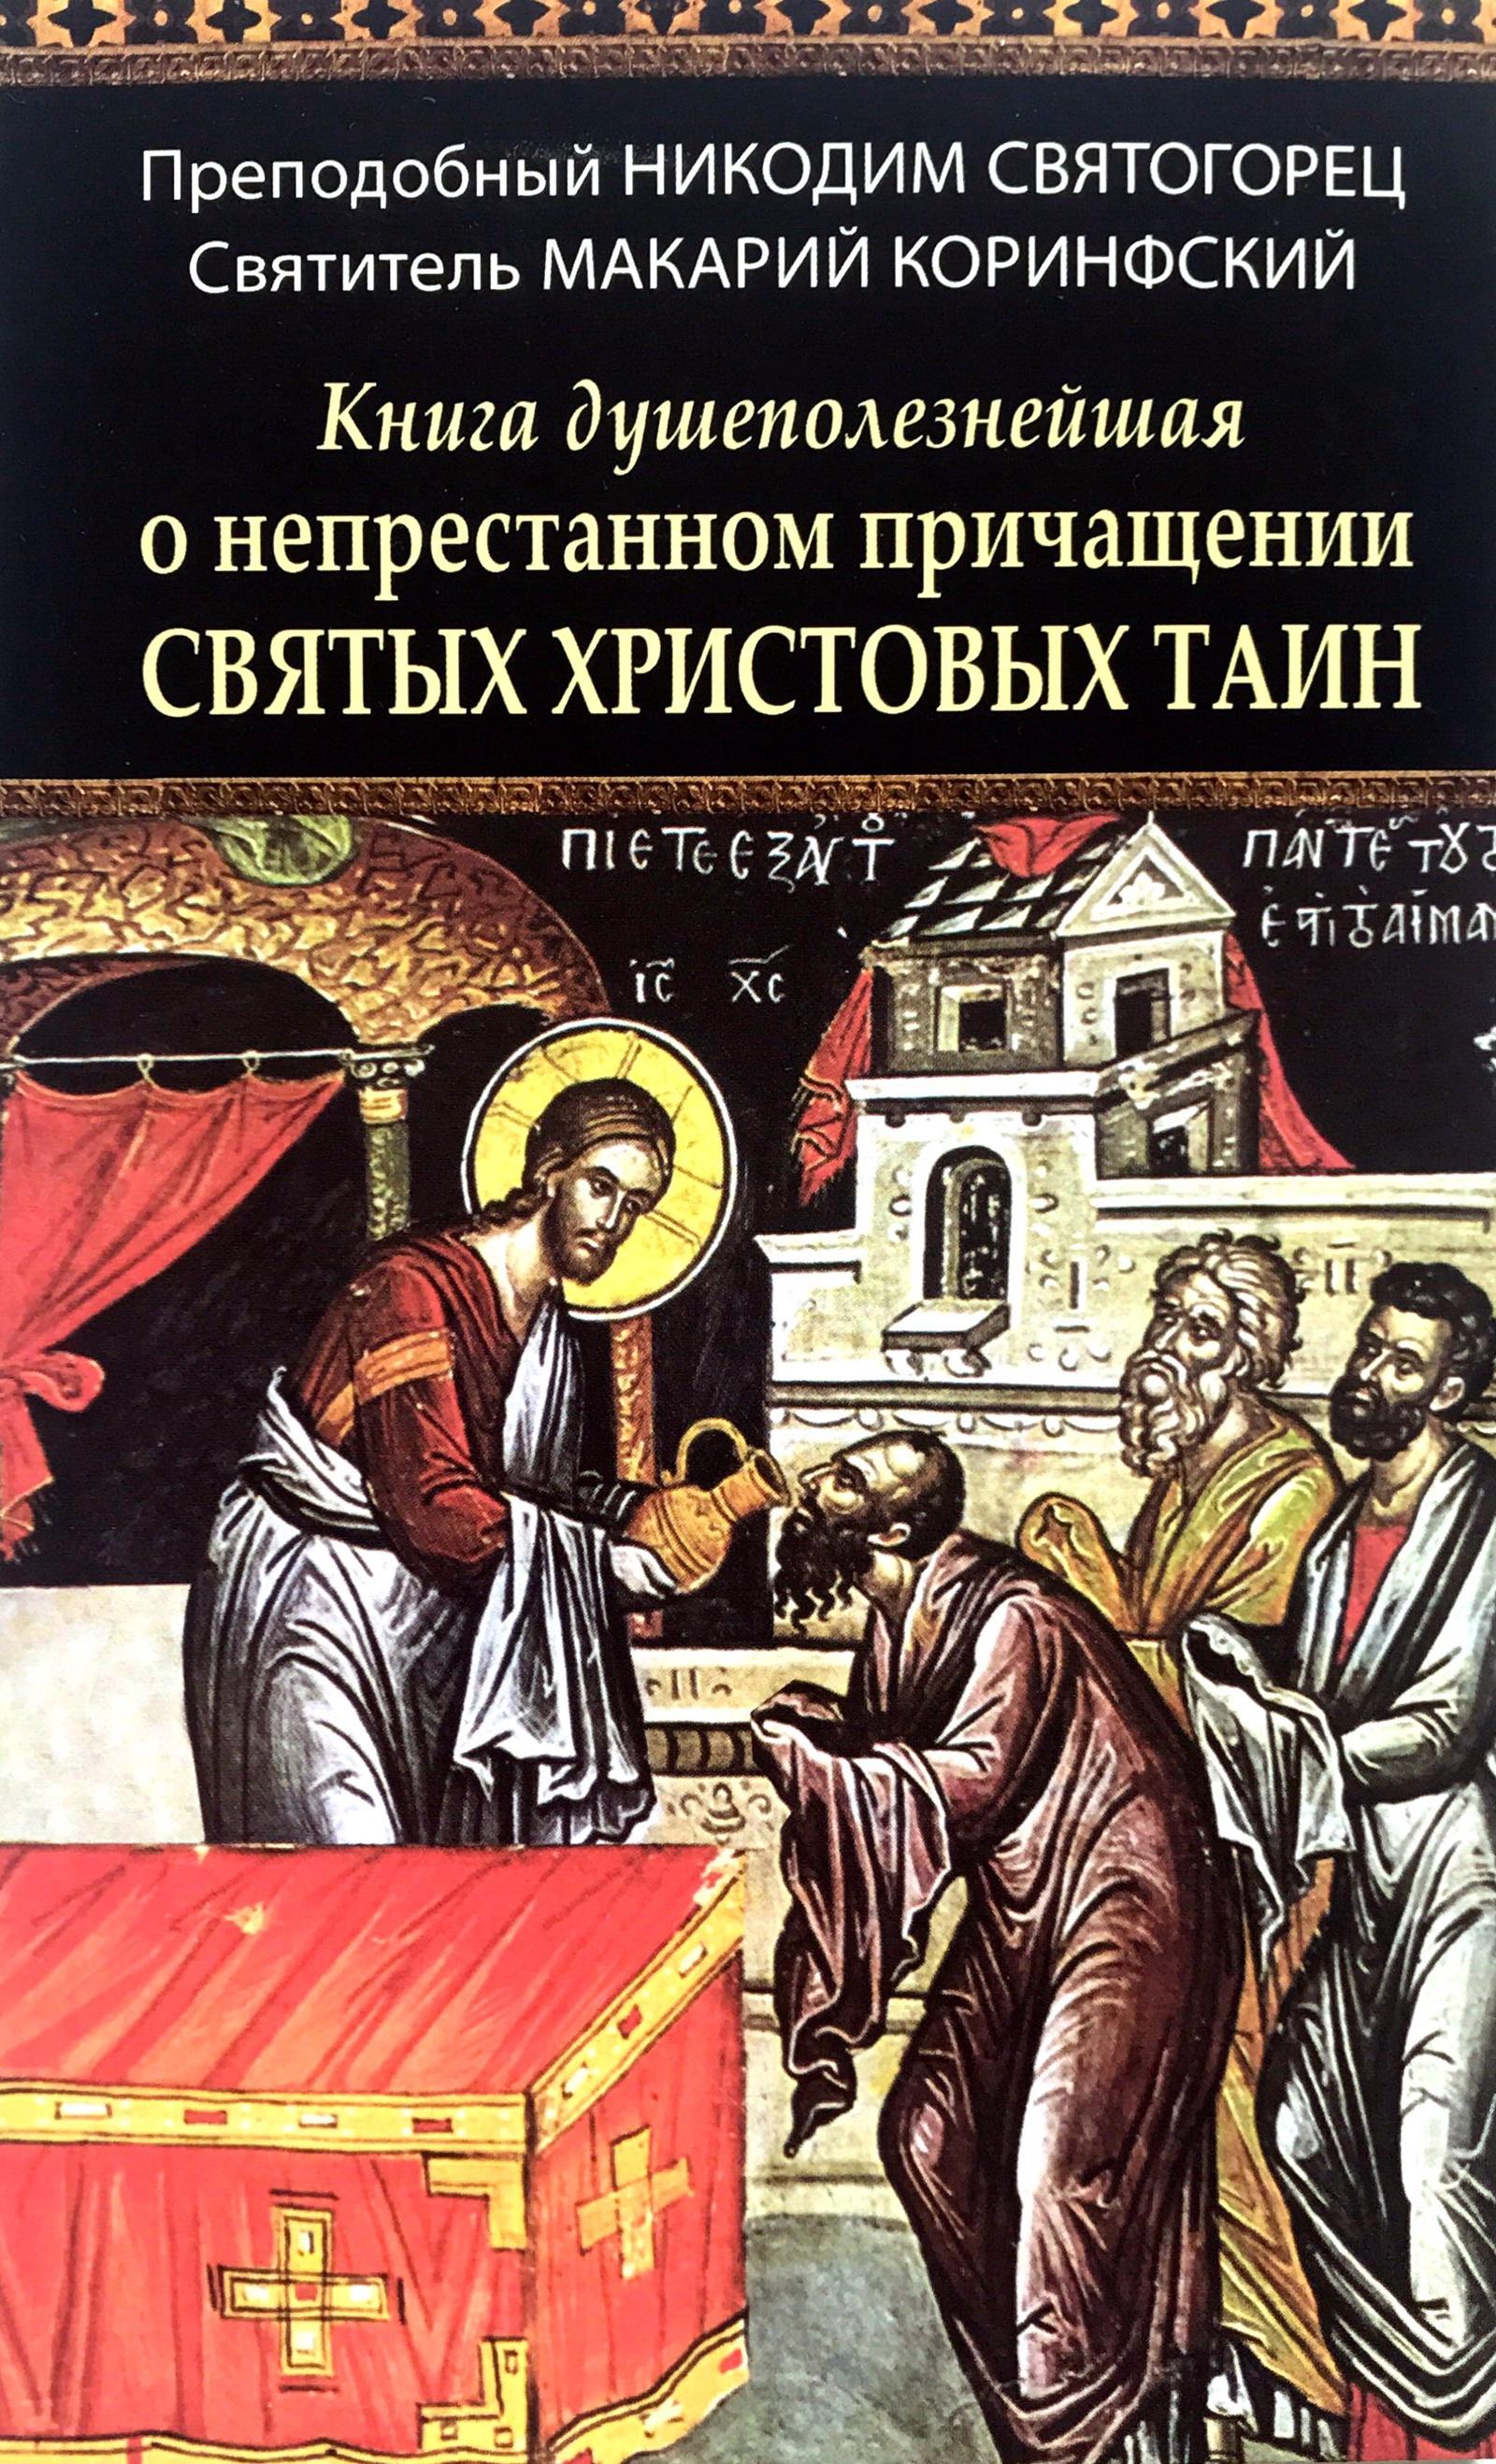 Преподобный Никодим Святогорец, Святитель Макарий Коринфийский Книга душеполезнейшая о непрестанном причащении святых христовых тайн книга тайн